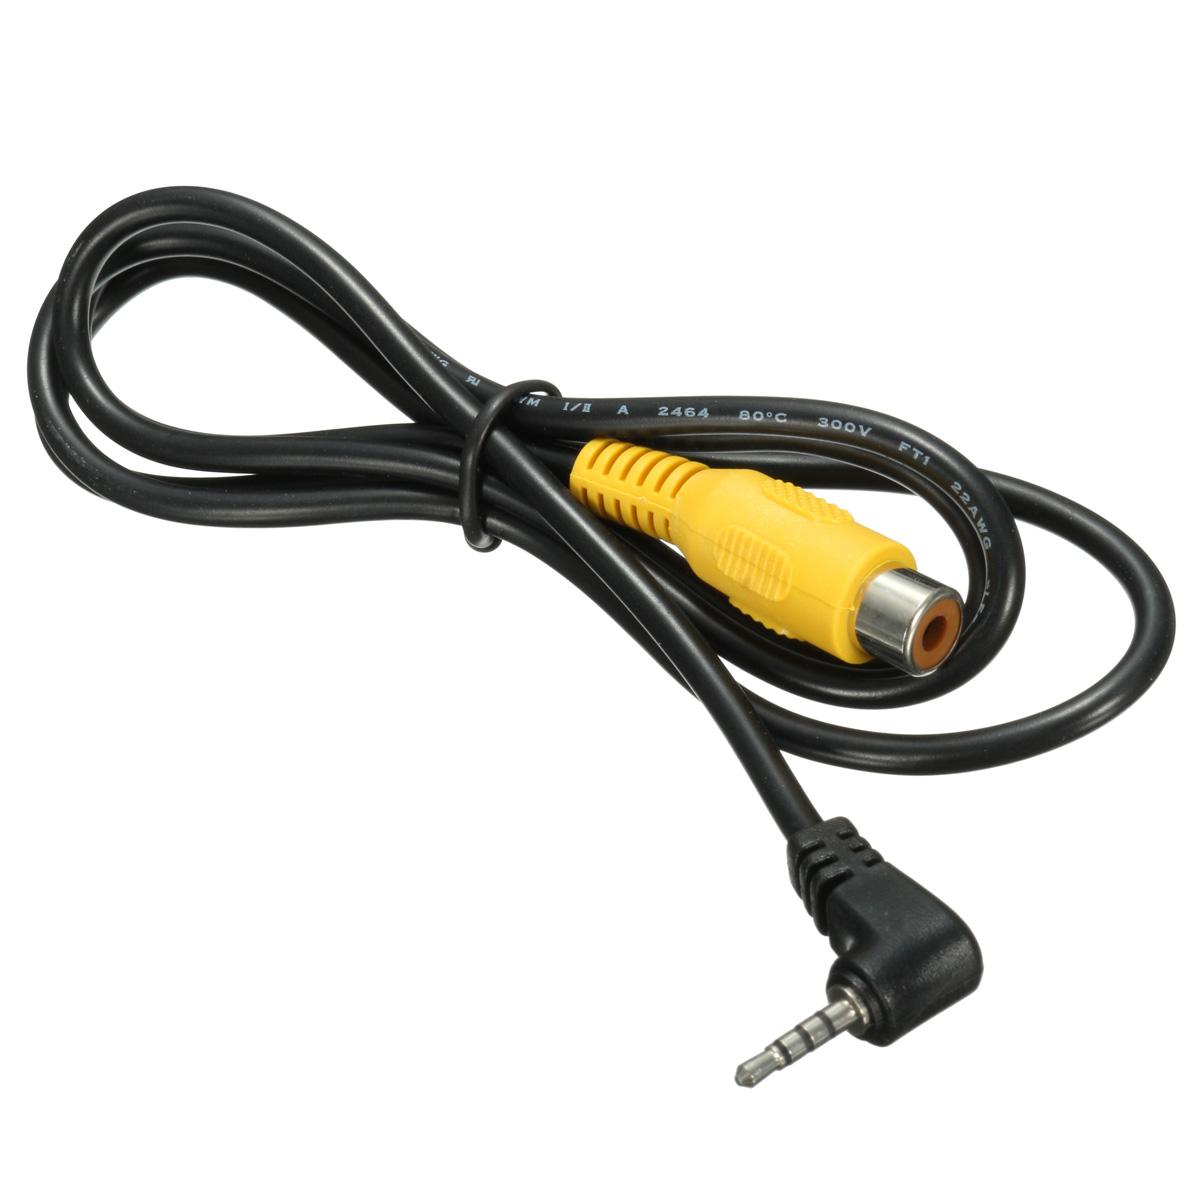 2 5mm Stereo Male Plug To Rca Female Adapter For Gps Av In Converter